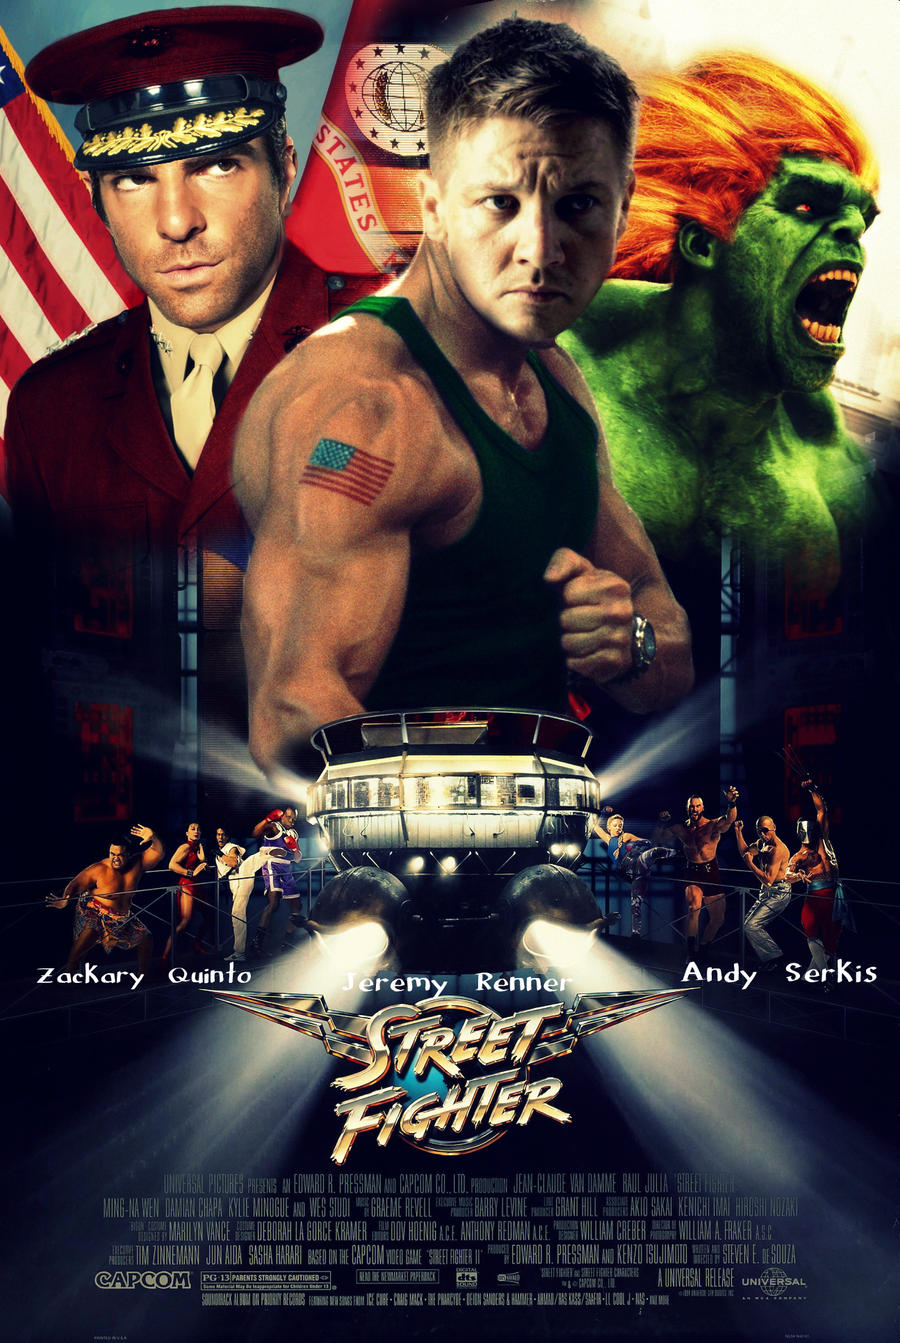 Street Fighter Movie Poster by Melciah1791 on DeviantArt